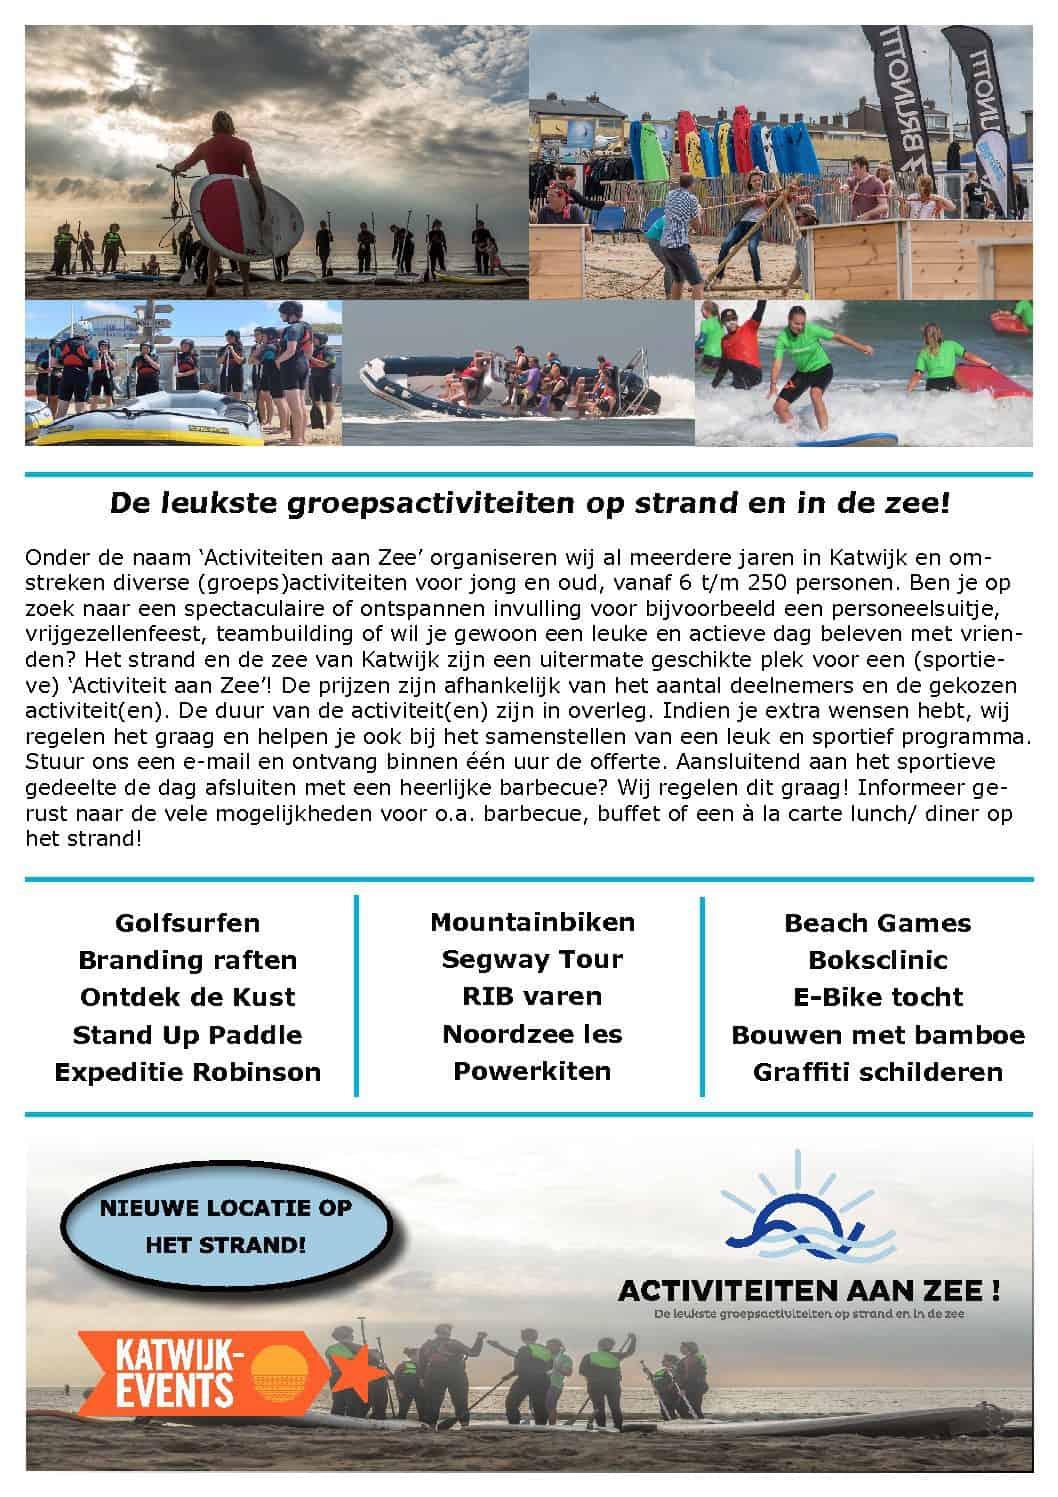 Activiteiten Flyer 2018 Katwijk-Events